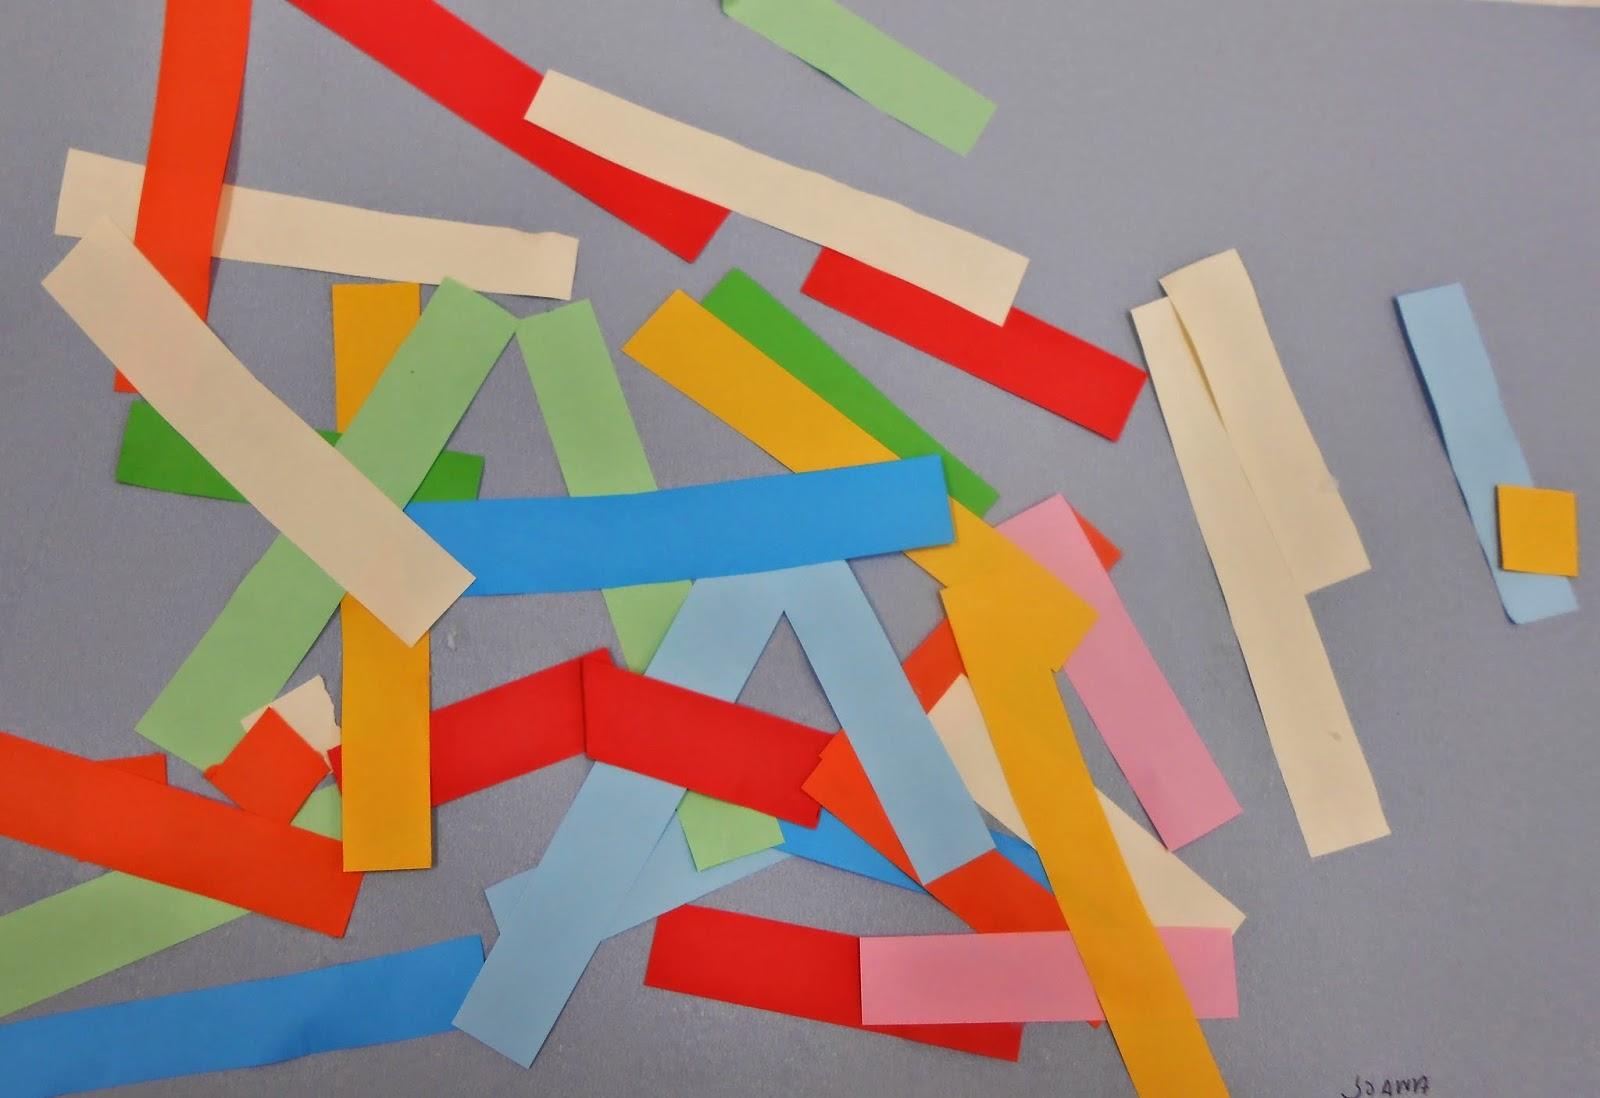 Partimos del caos para reorganizar